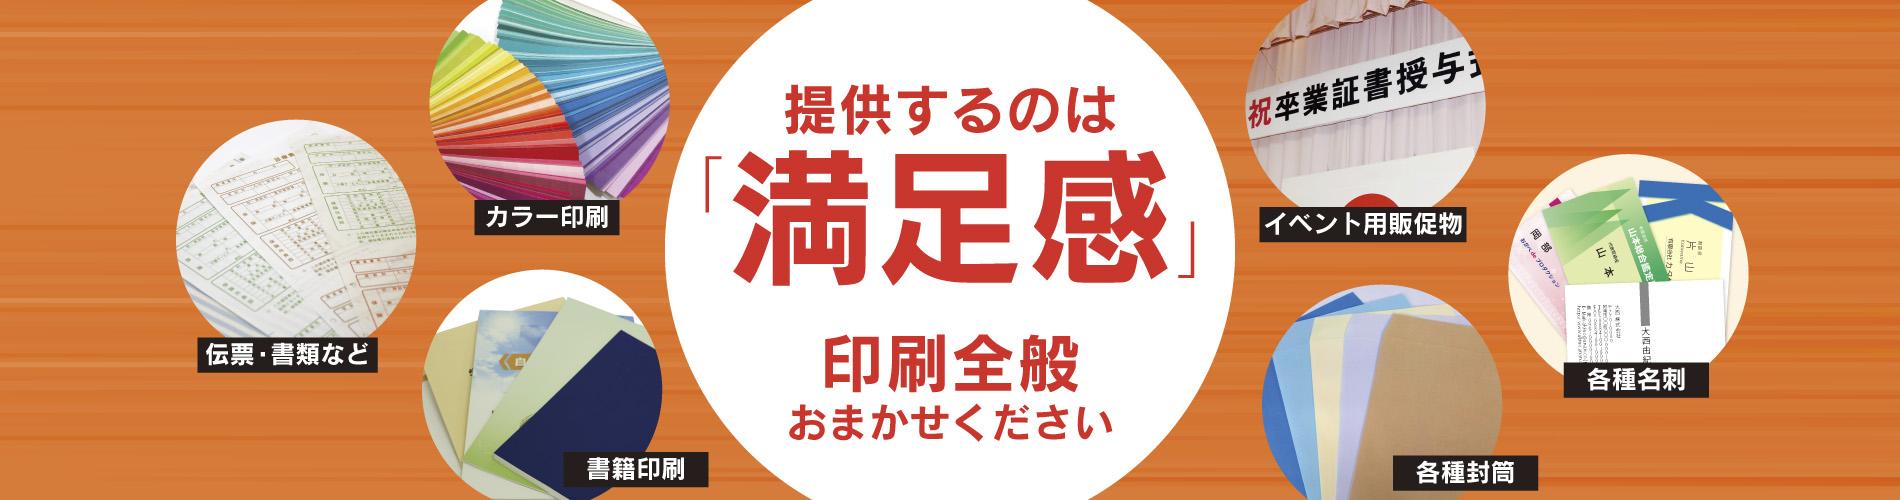 提供するのは「満足感」印刷全般おまかせ下さい。|山田印刷所